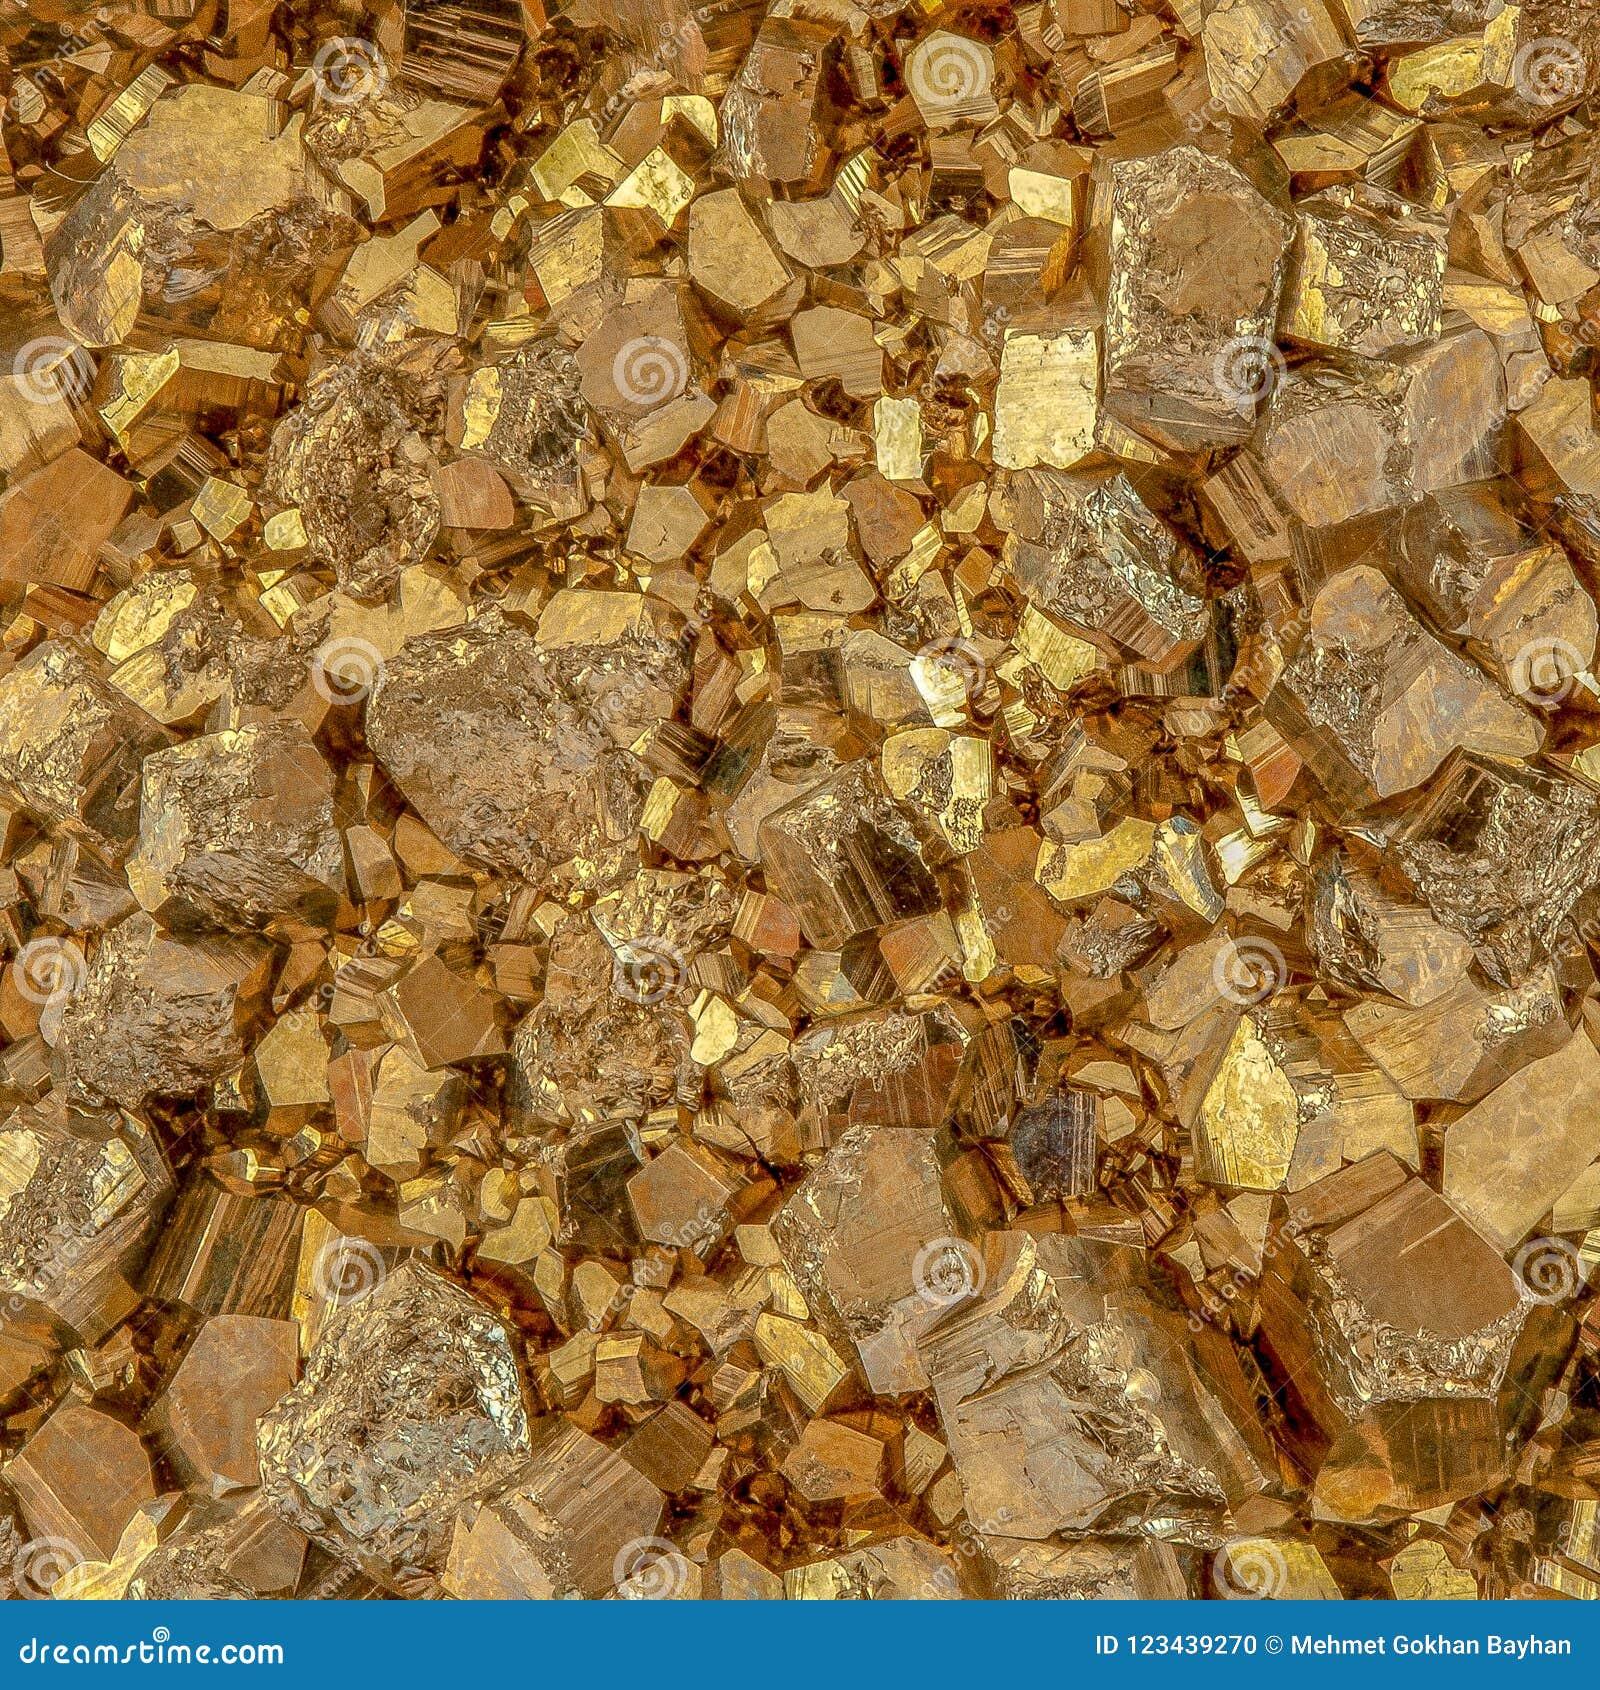 Μακρο φωτογραφία των μεταλλικών χρυσών κύβων πυρίτη χρώματος